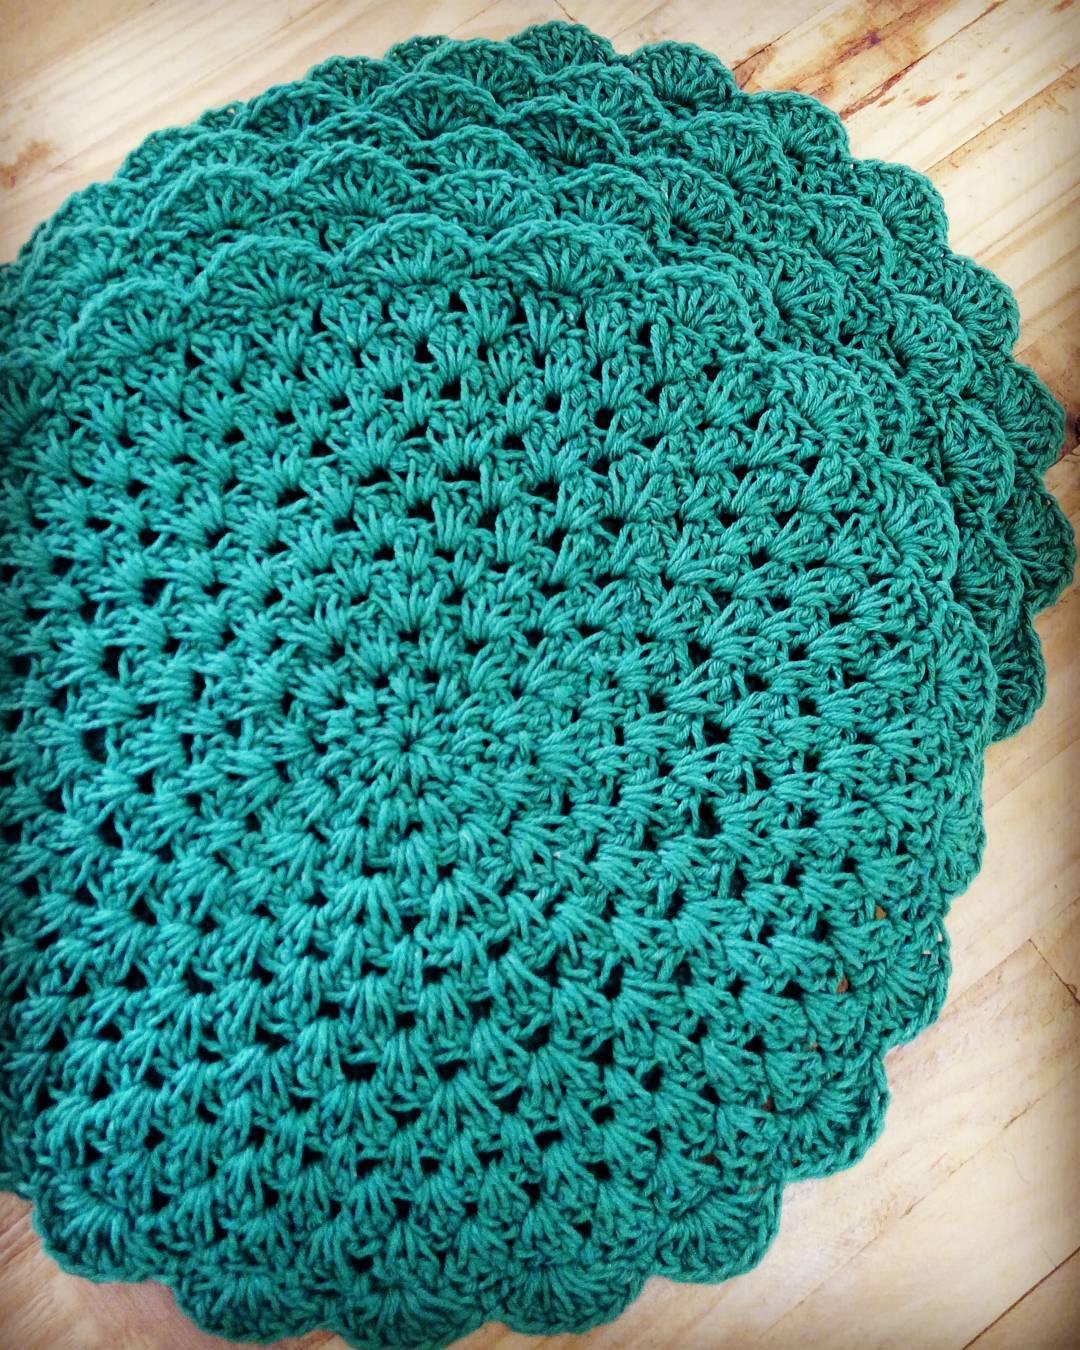 Sousplat de crochê verde para complementar a sua decoração.